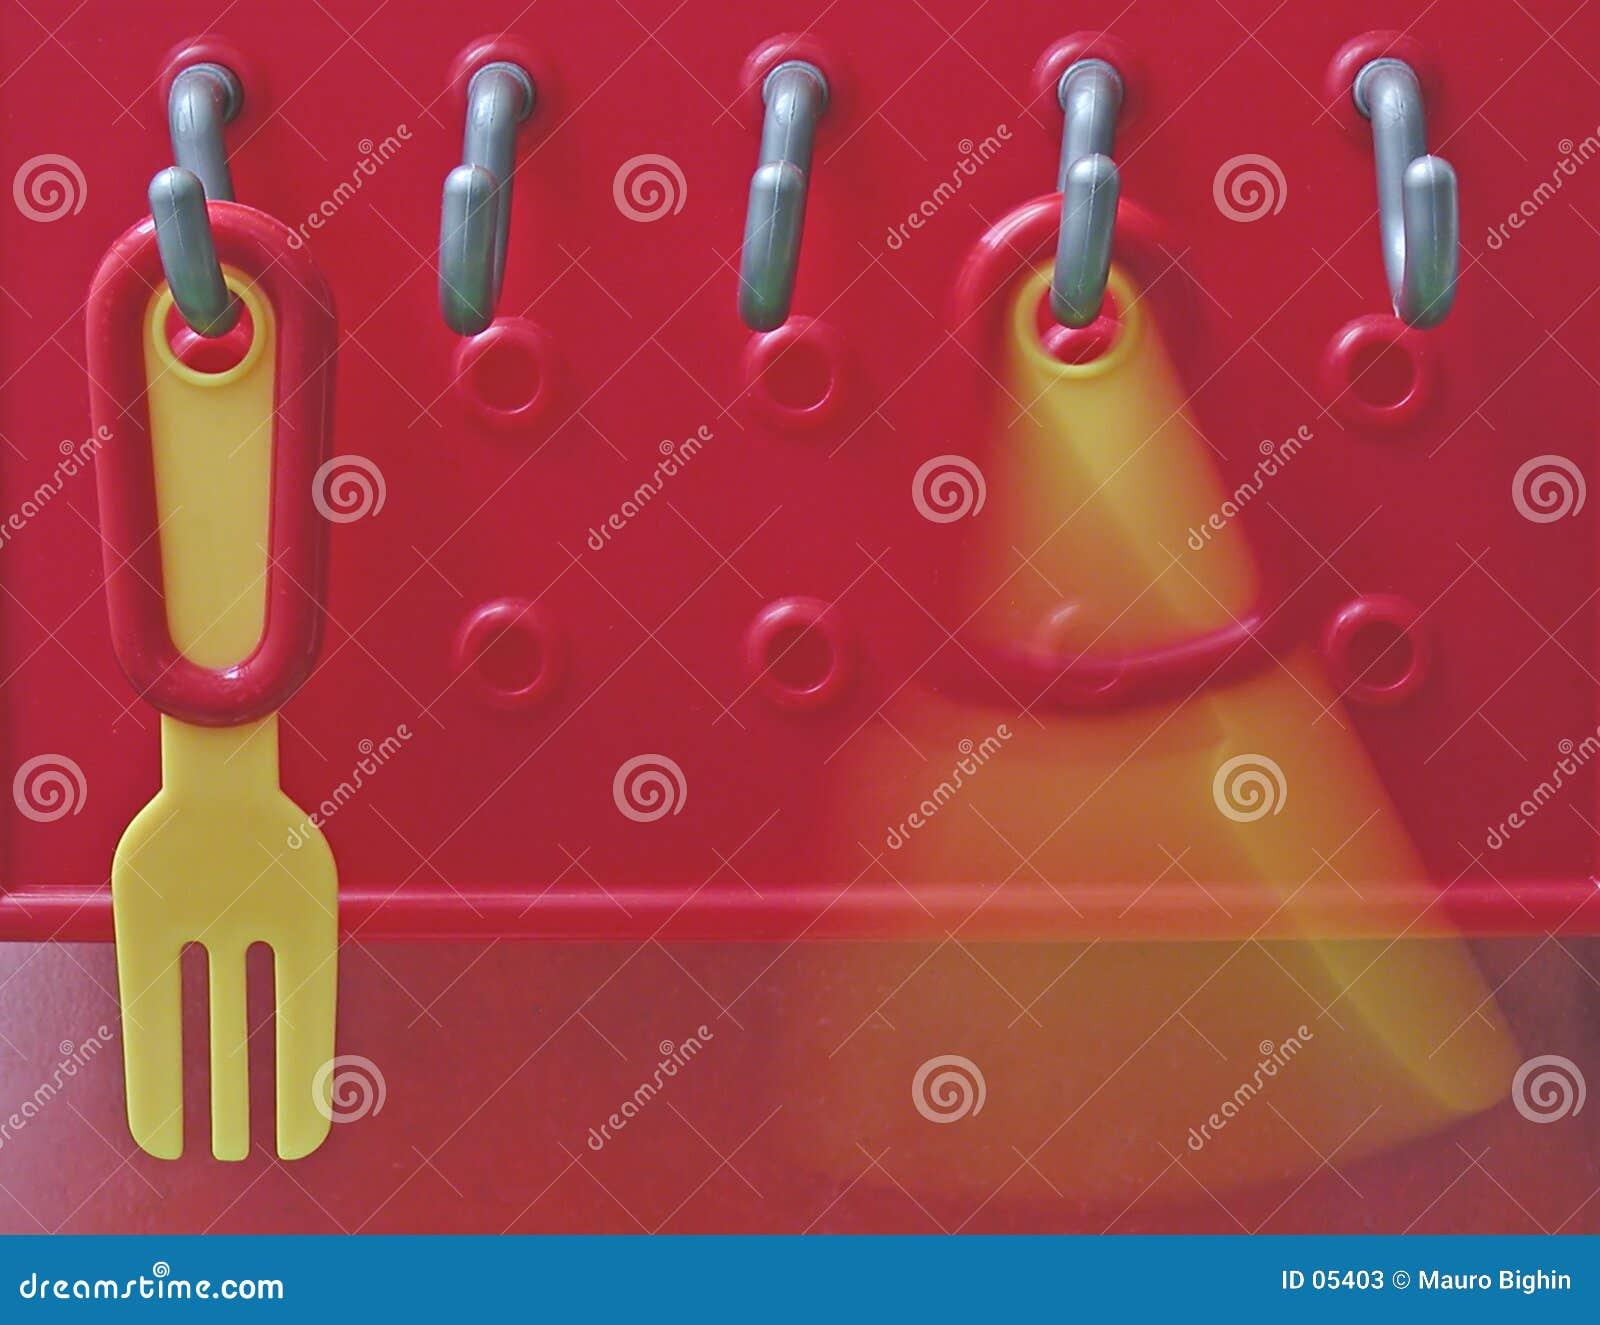 Widelec nóż z tworzywa sztucznego